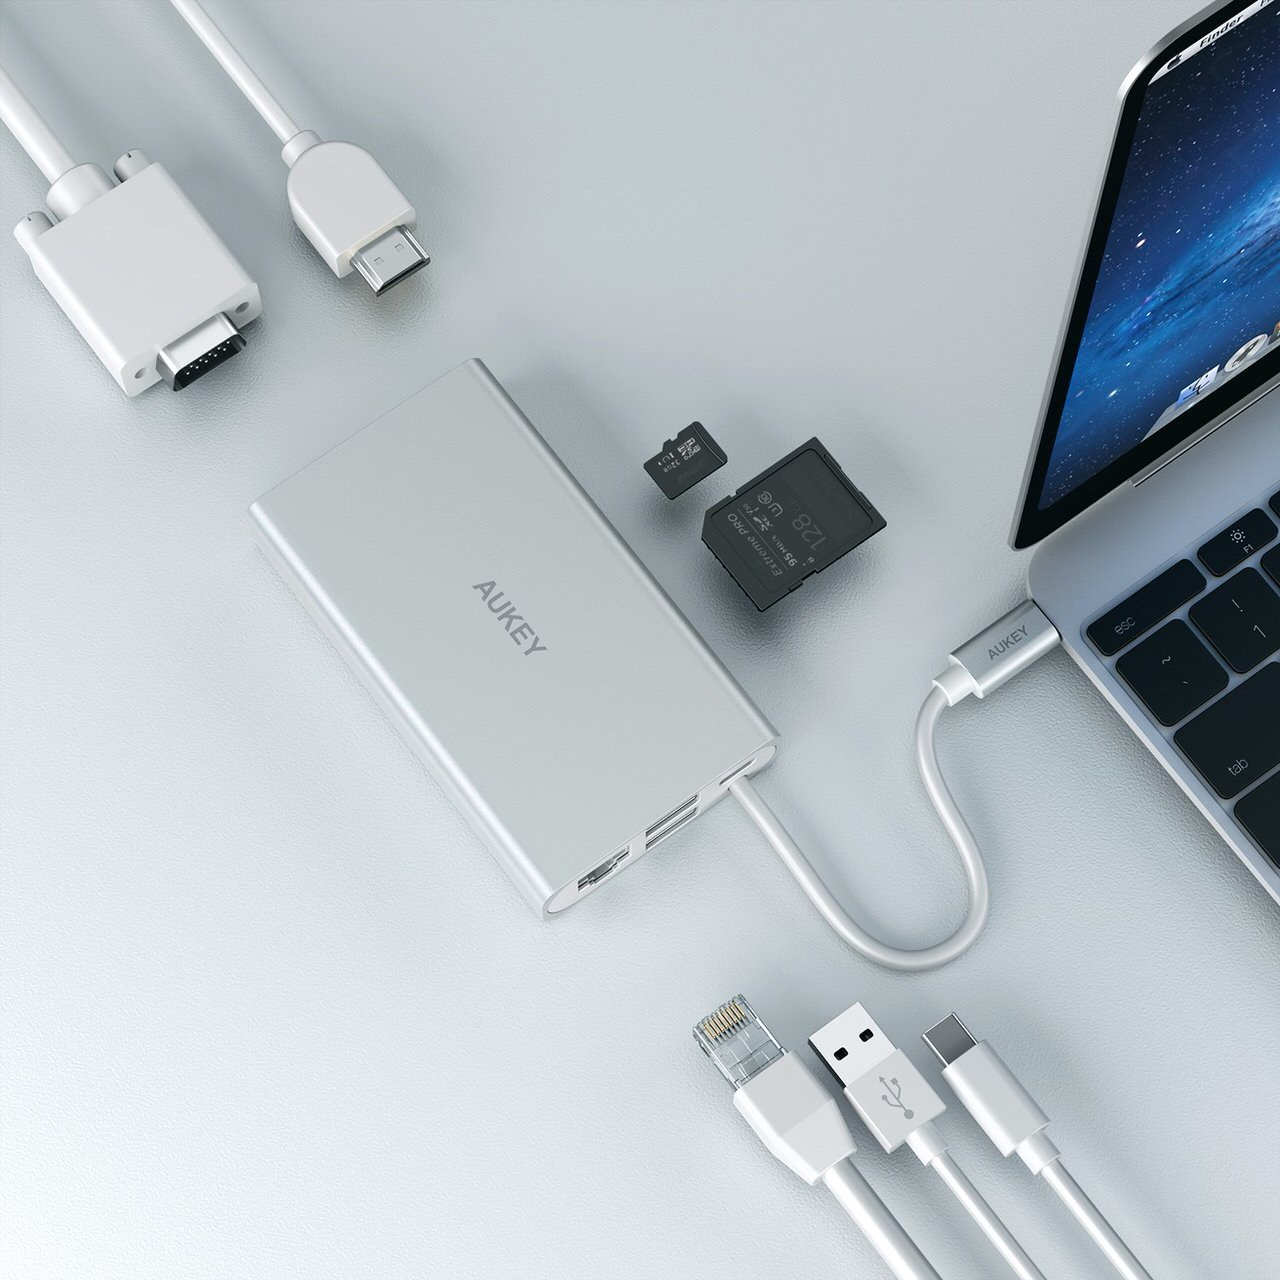 AUKEY、100W PD出力対応で8つの機能入り(HDMI・VGA・SDリーダーなど)USB-Cハブ「CB-C55」Amazonで36%オフの4,599円